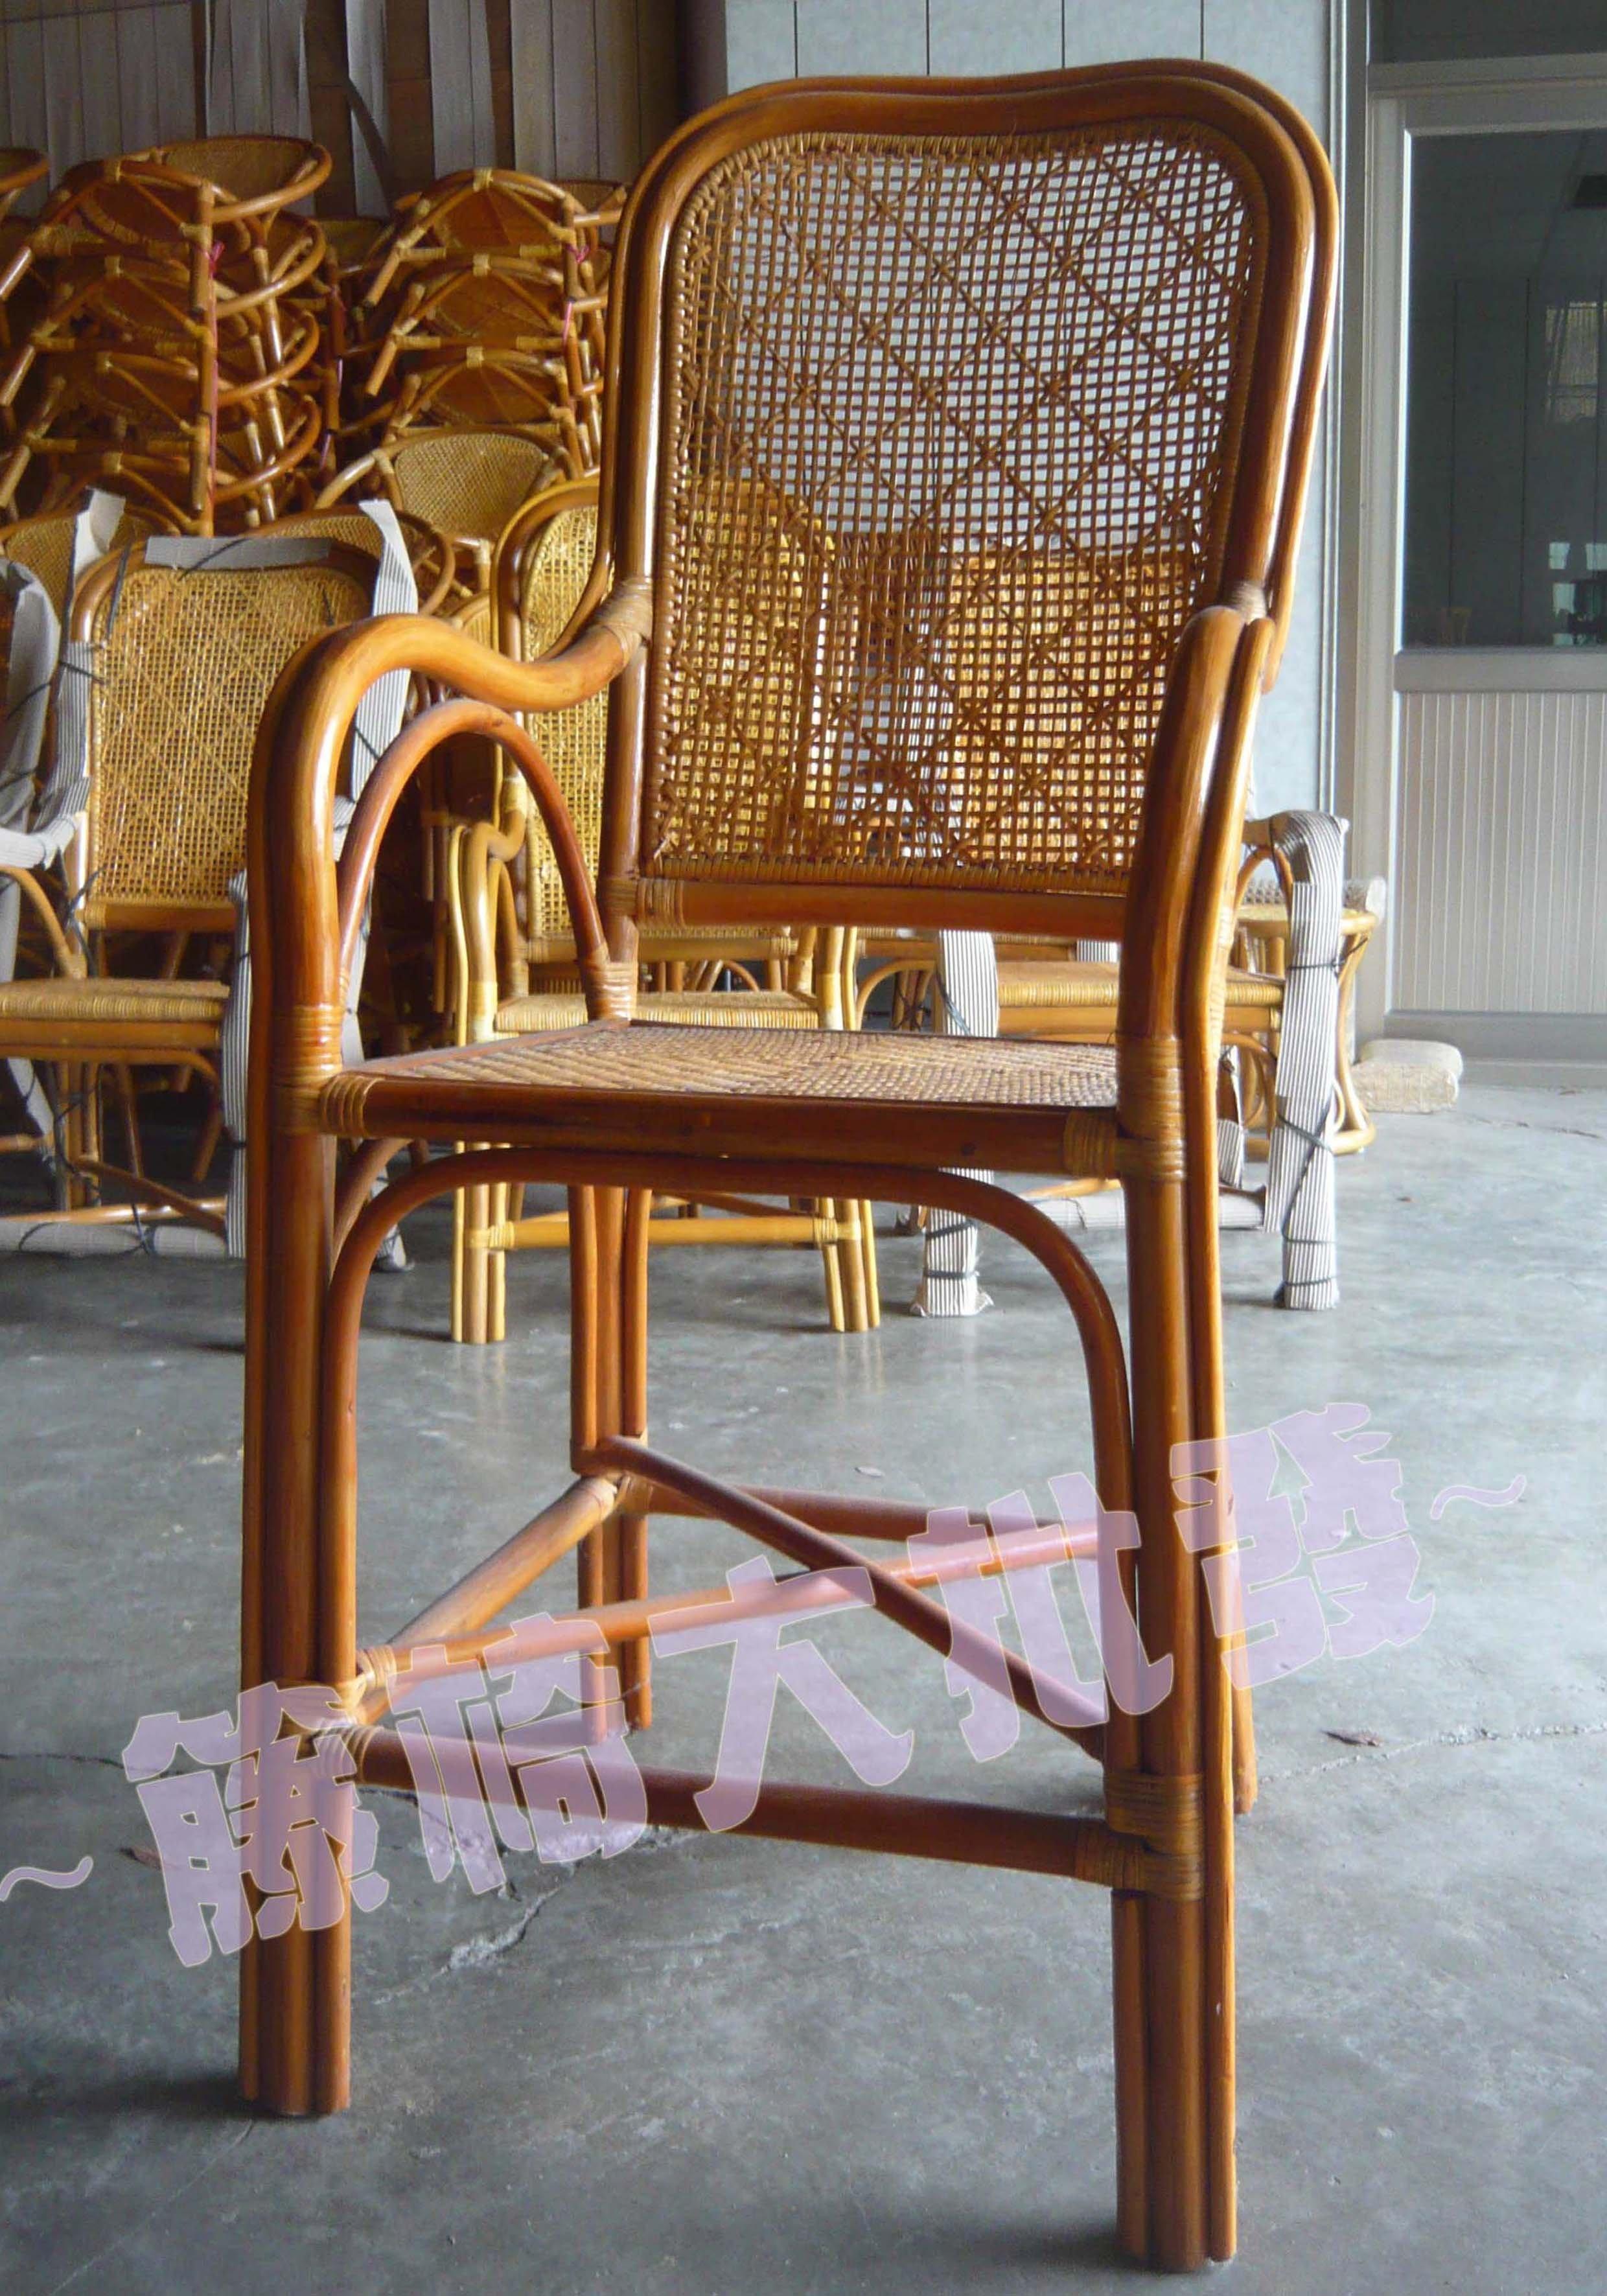 【藤椅批發零售】籐椅加高教師椅-老人椅-休閒椅-辦公-加高櫃台椅-加高吧台椅-工廠直營團購更優惠